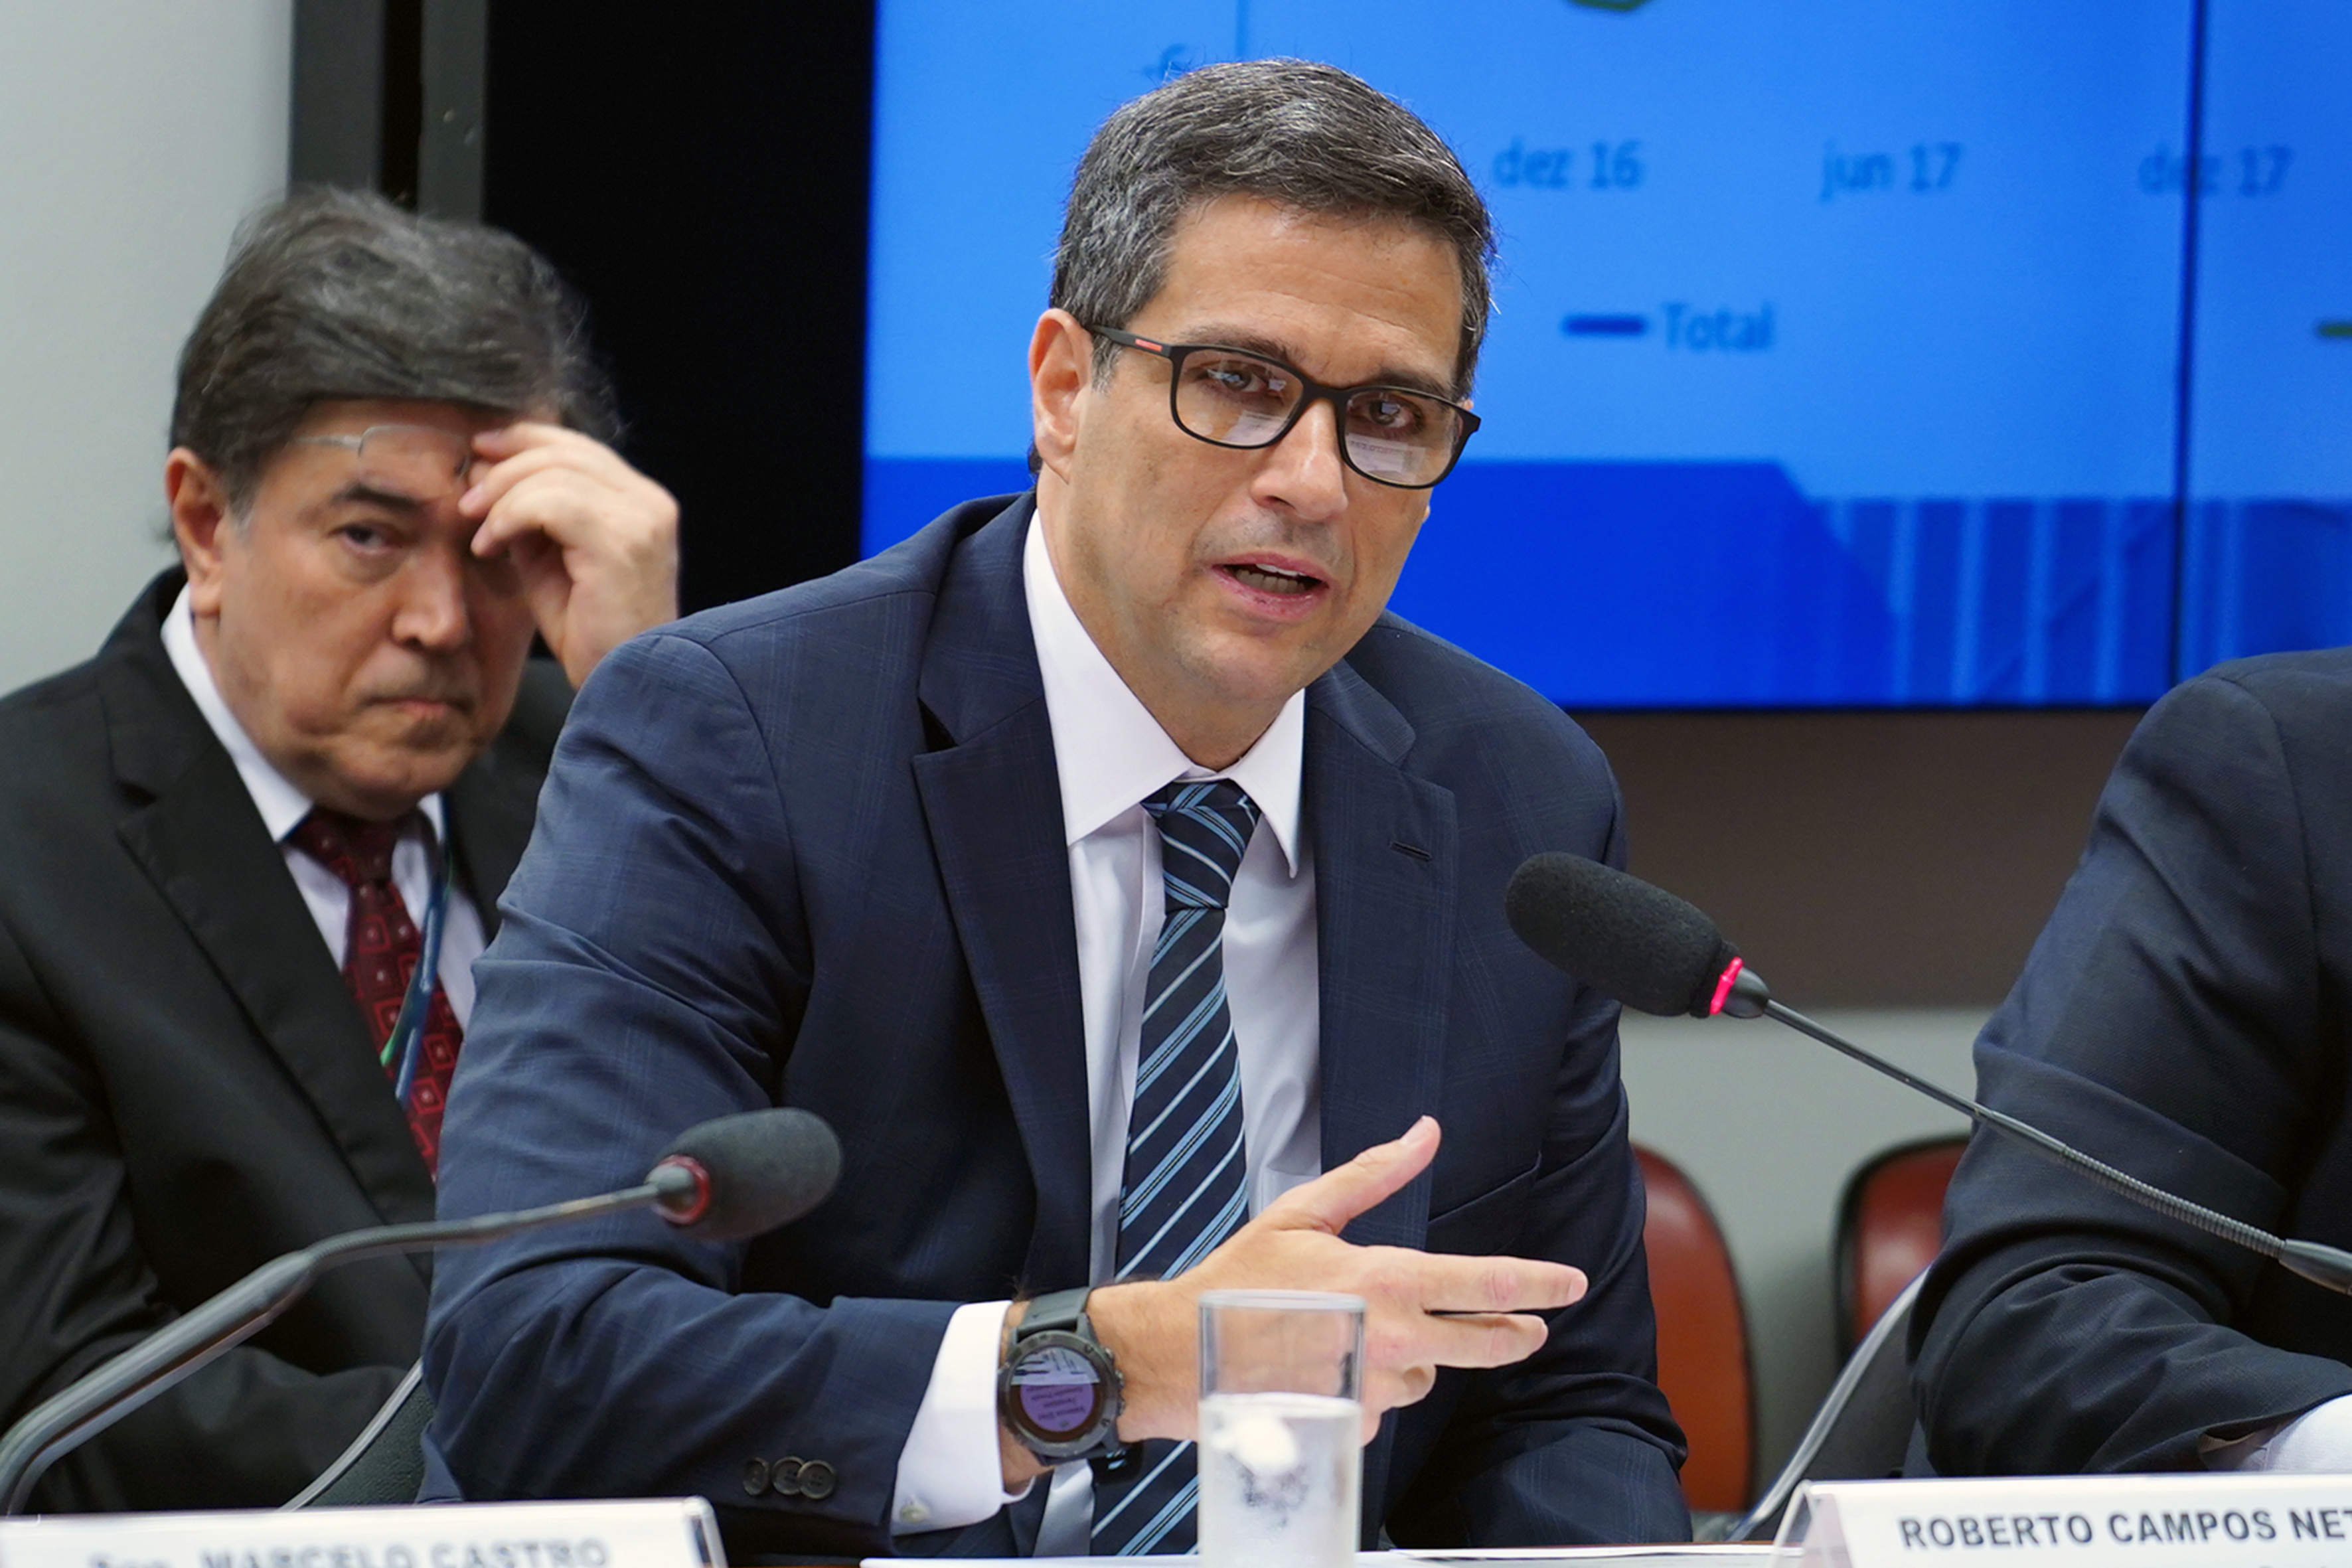 Audiência pública sobre a avaliação do cumprimento dos objetivos e metas das políticas monetária, creditícia e cambial. Presidente do Banco Central do Brasil, Roberto Campos Neto